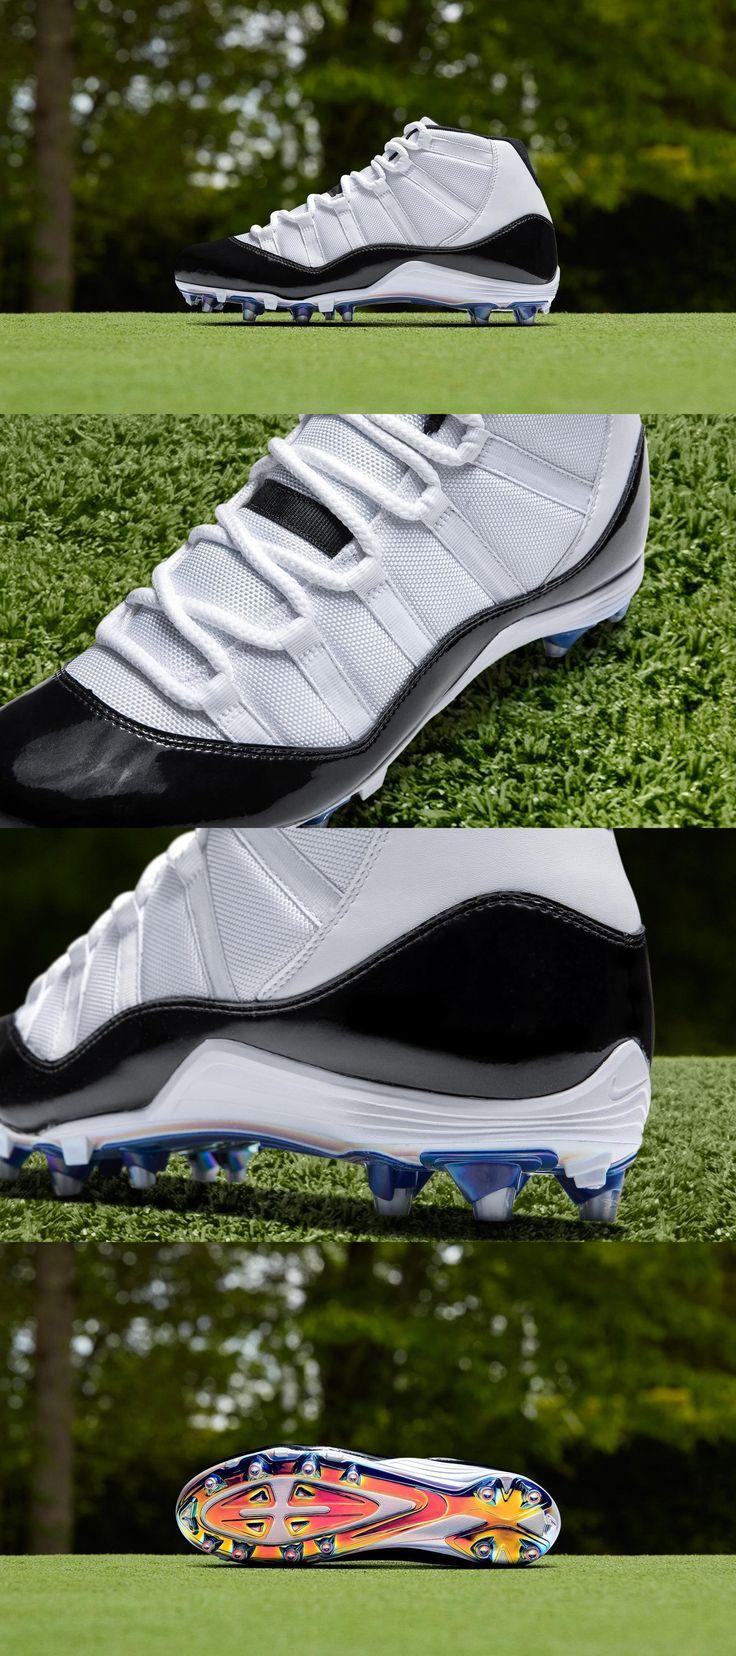 Nike Air Jordan XI concord cleat (With images) Jordan